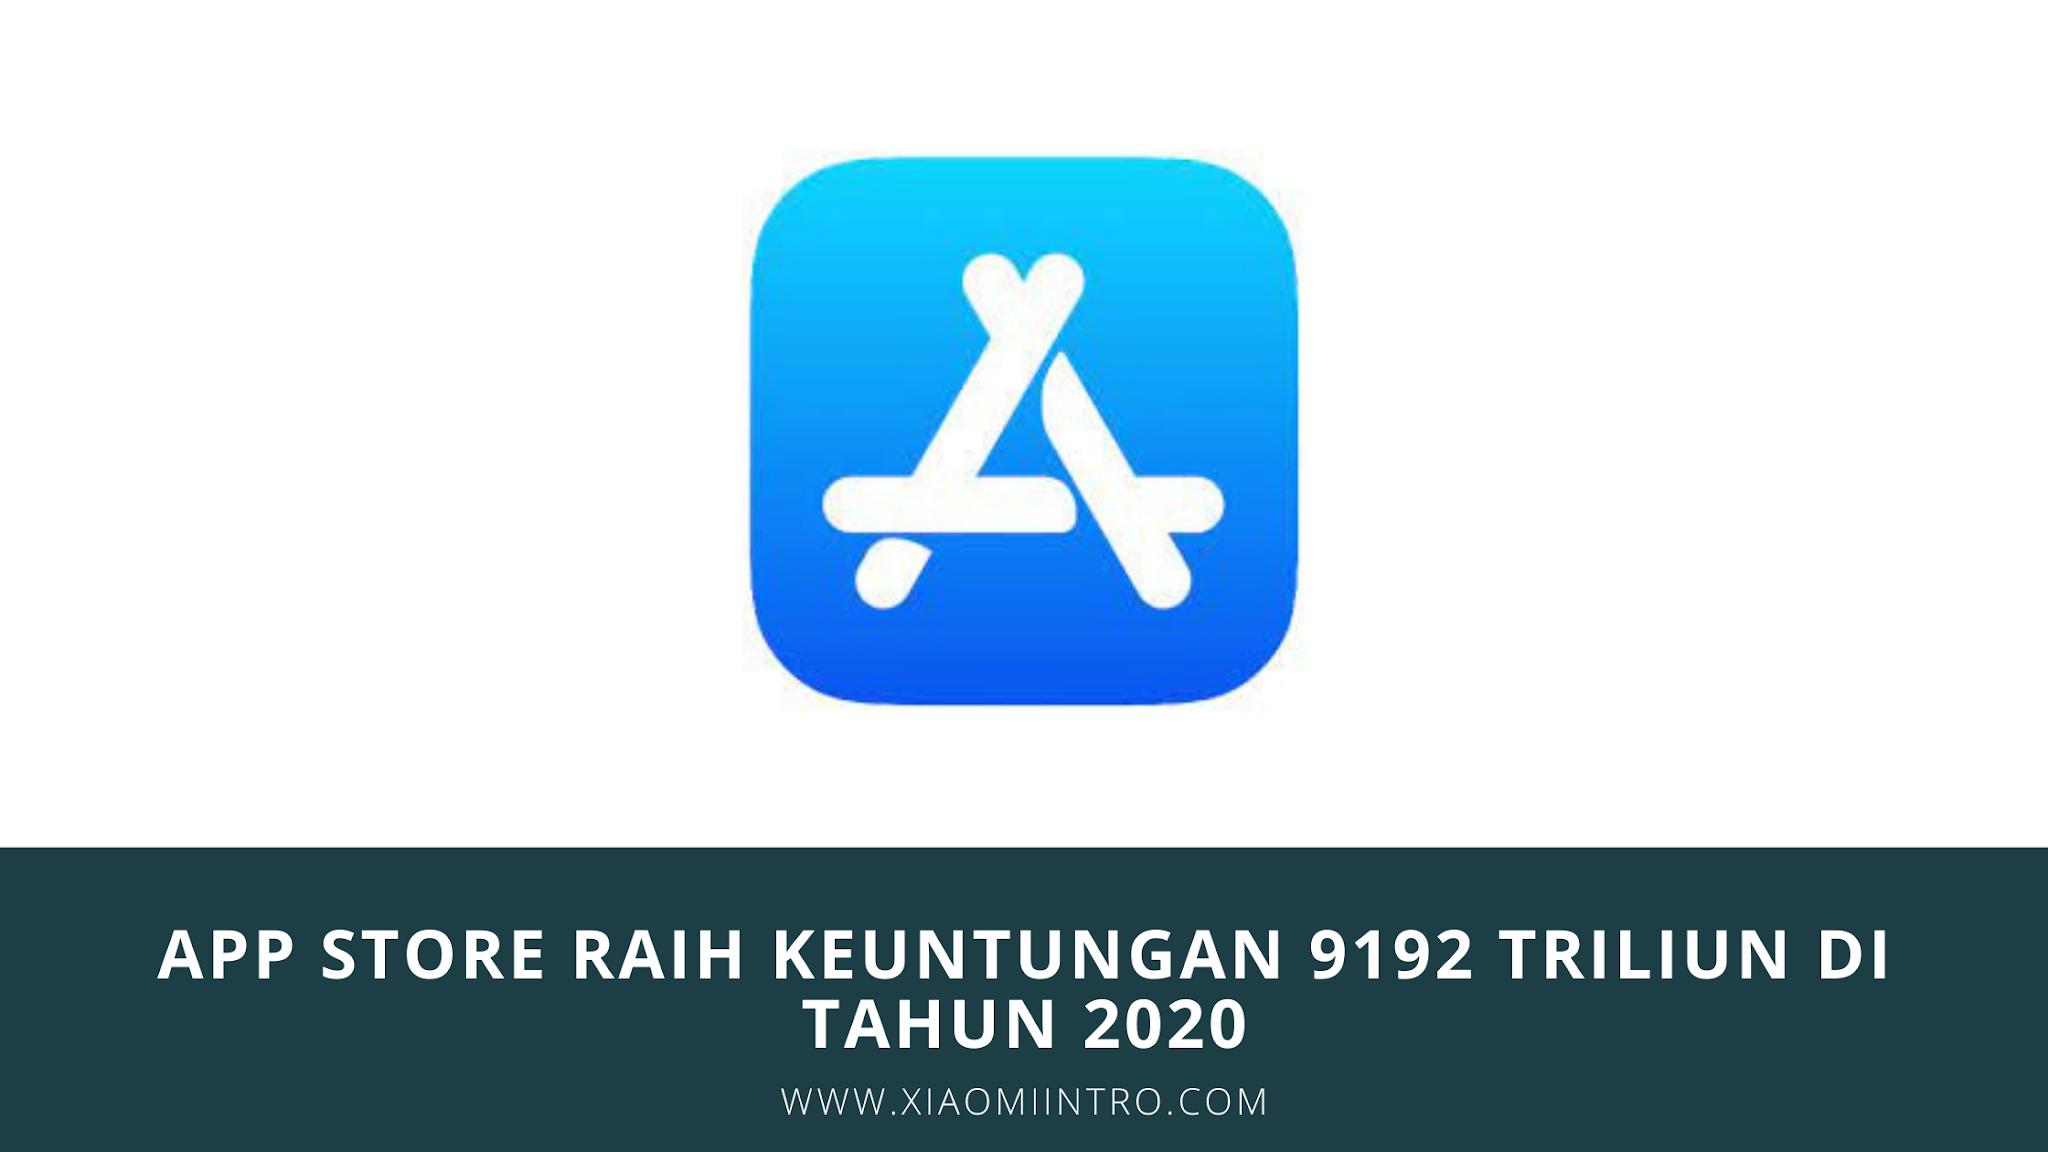 App Store Raih Keuntungan 9192 Triliun Di Tahun 2020